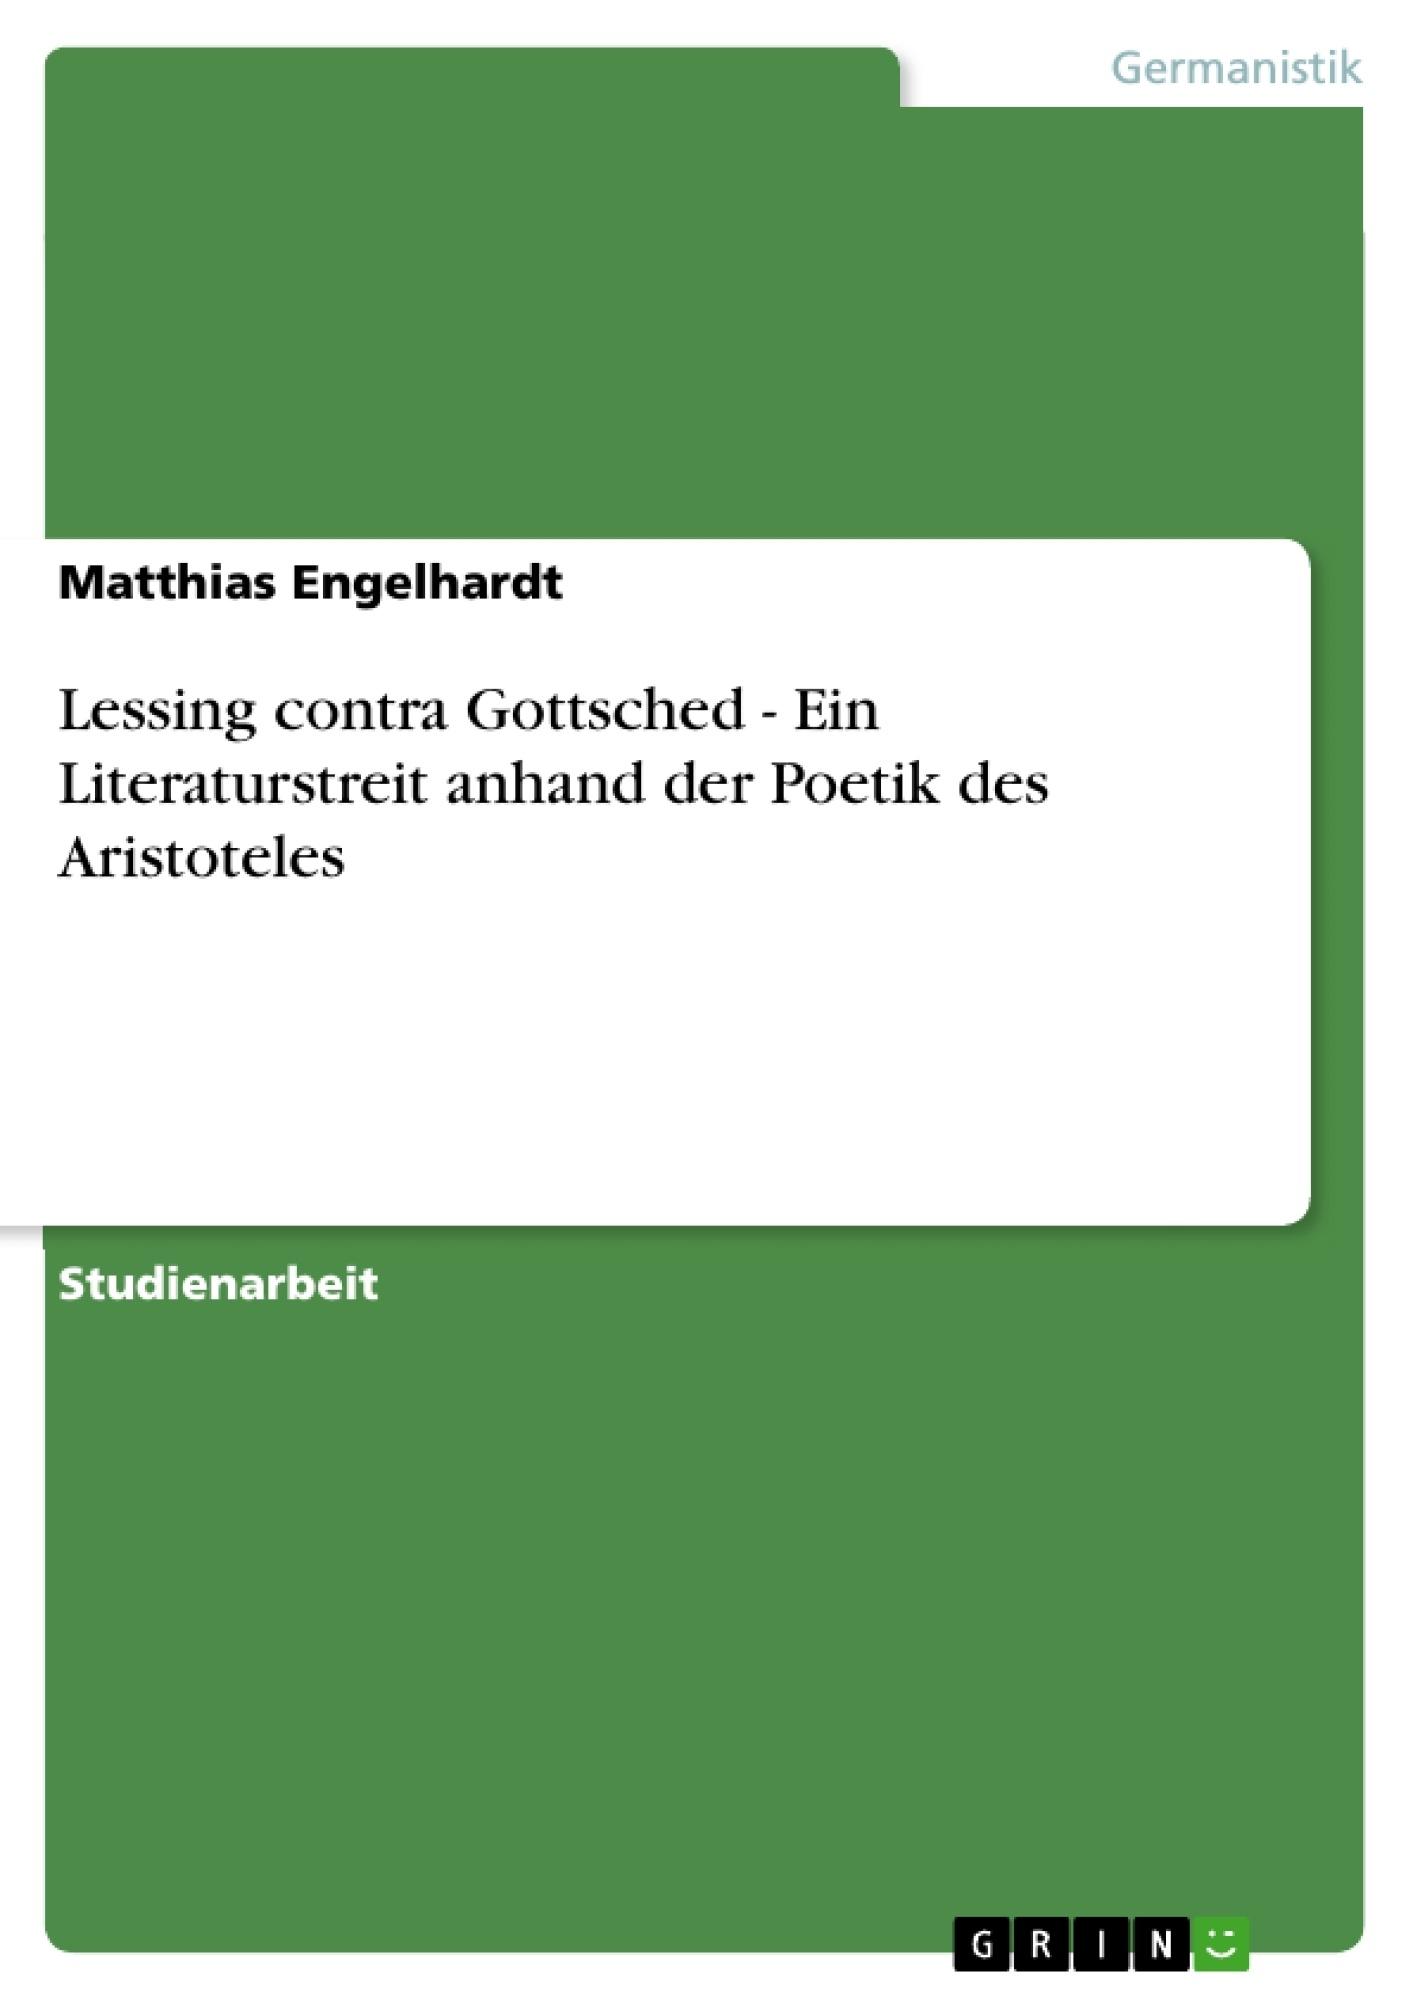 Titel: Lessing contra Gottsched - Ein Literaturstreit anhand der Poetik des Aristoteles